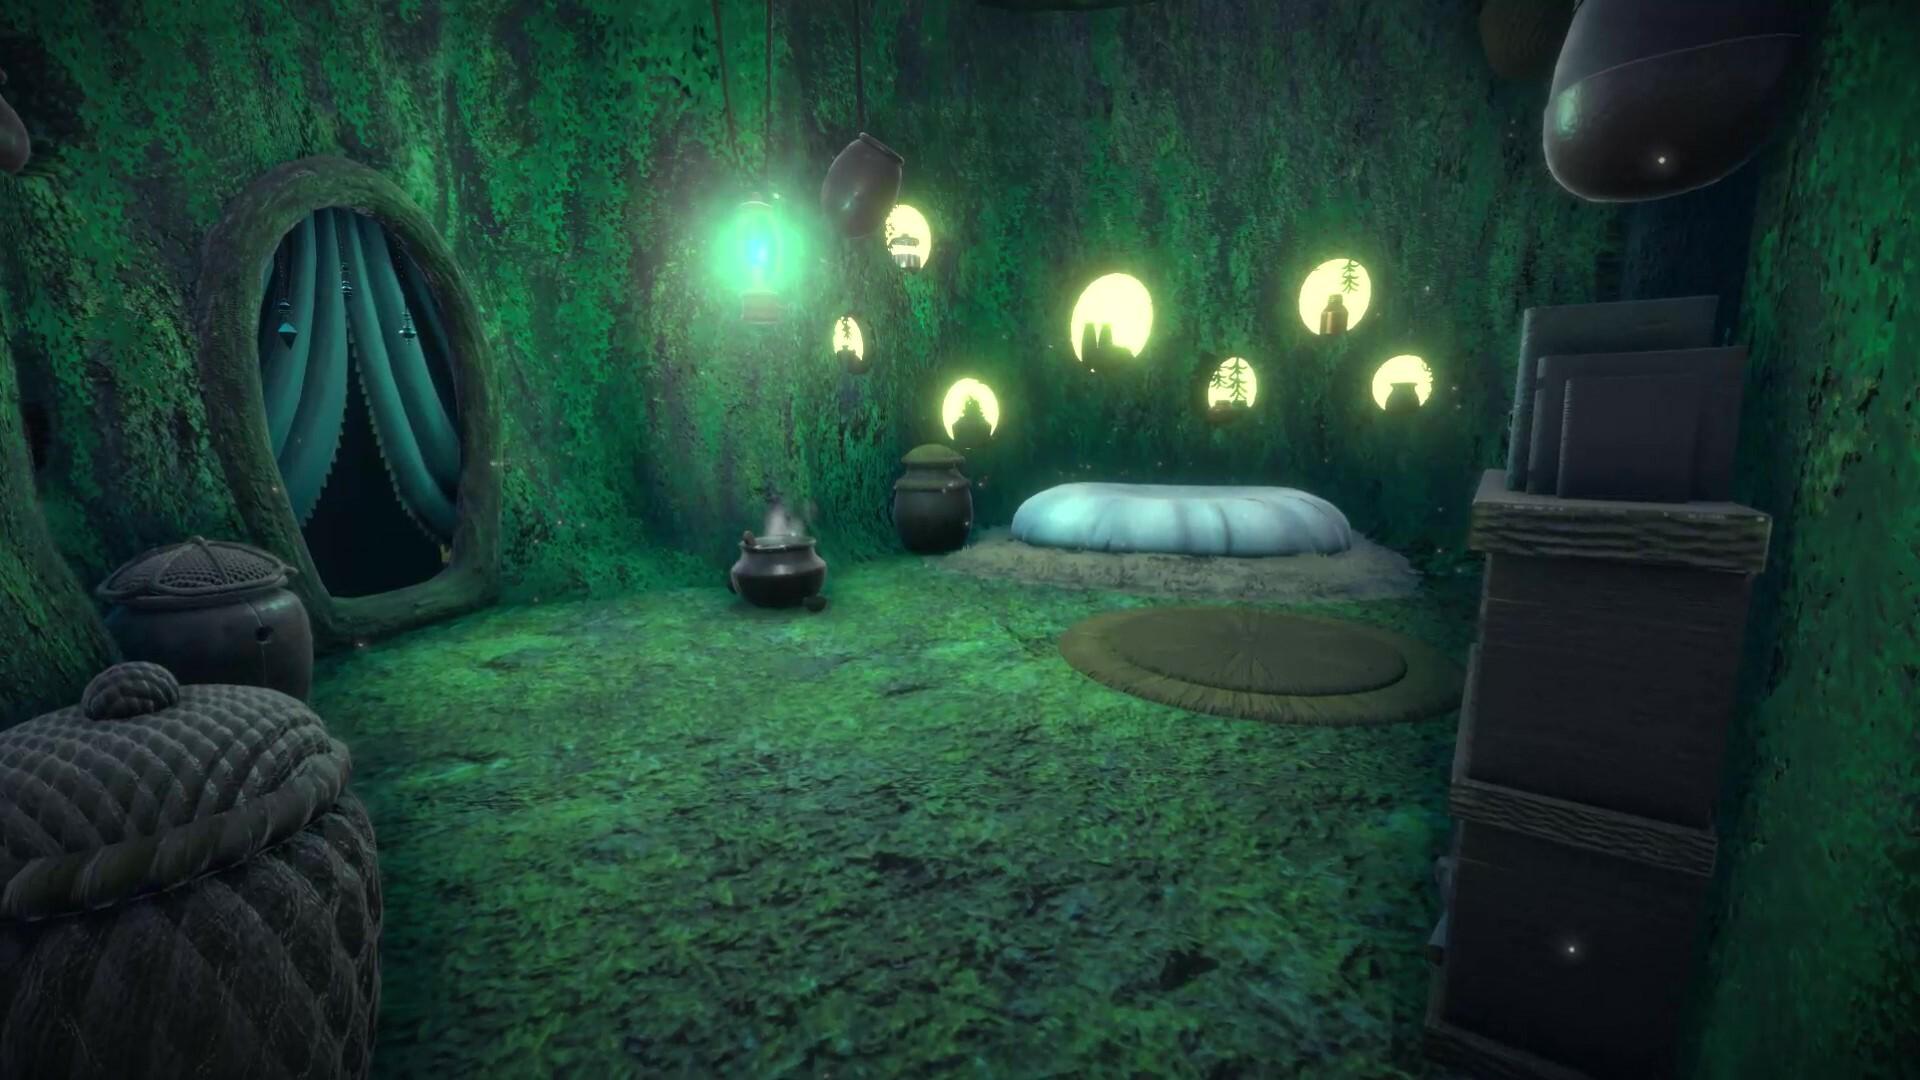 ArtStation - Mossy Hideout Environment, Kira Innes